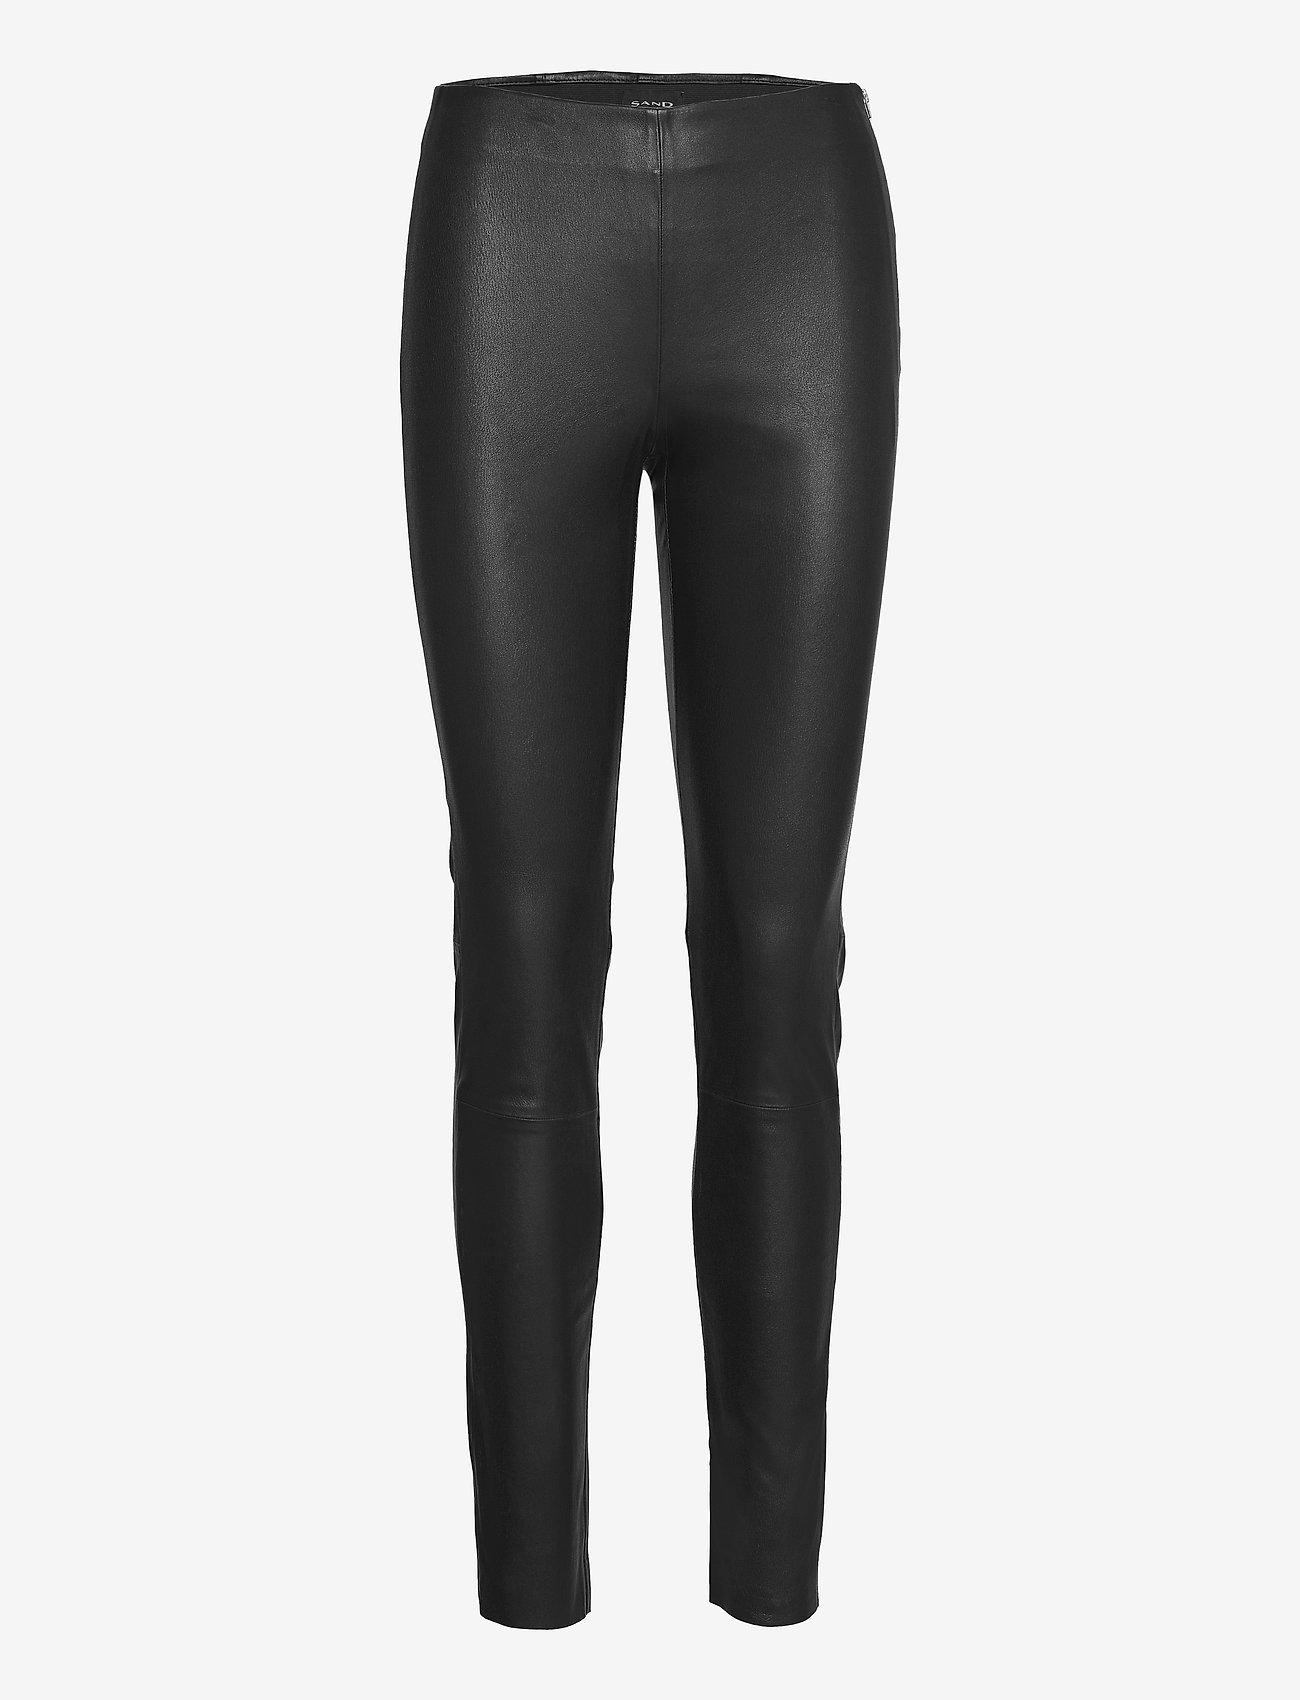 SAND - Stretch Leather - Shamar - skinnbyxor - black - 0